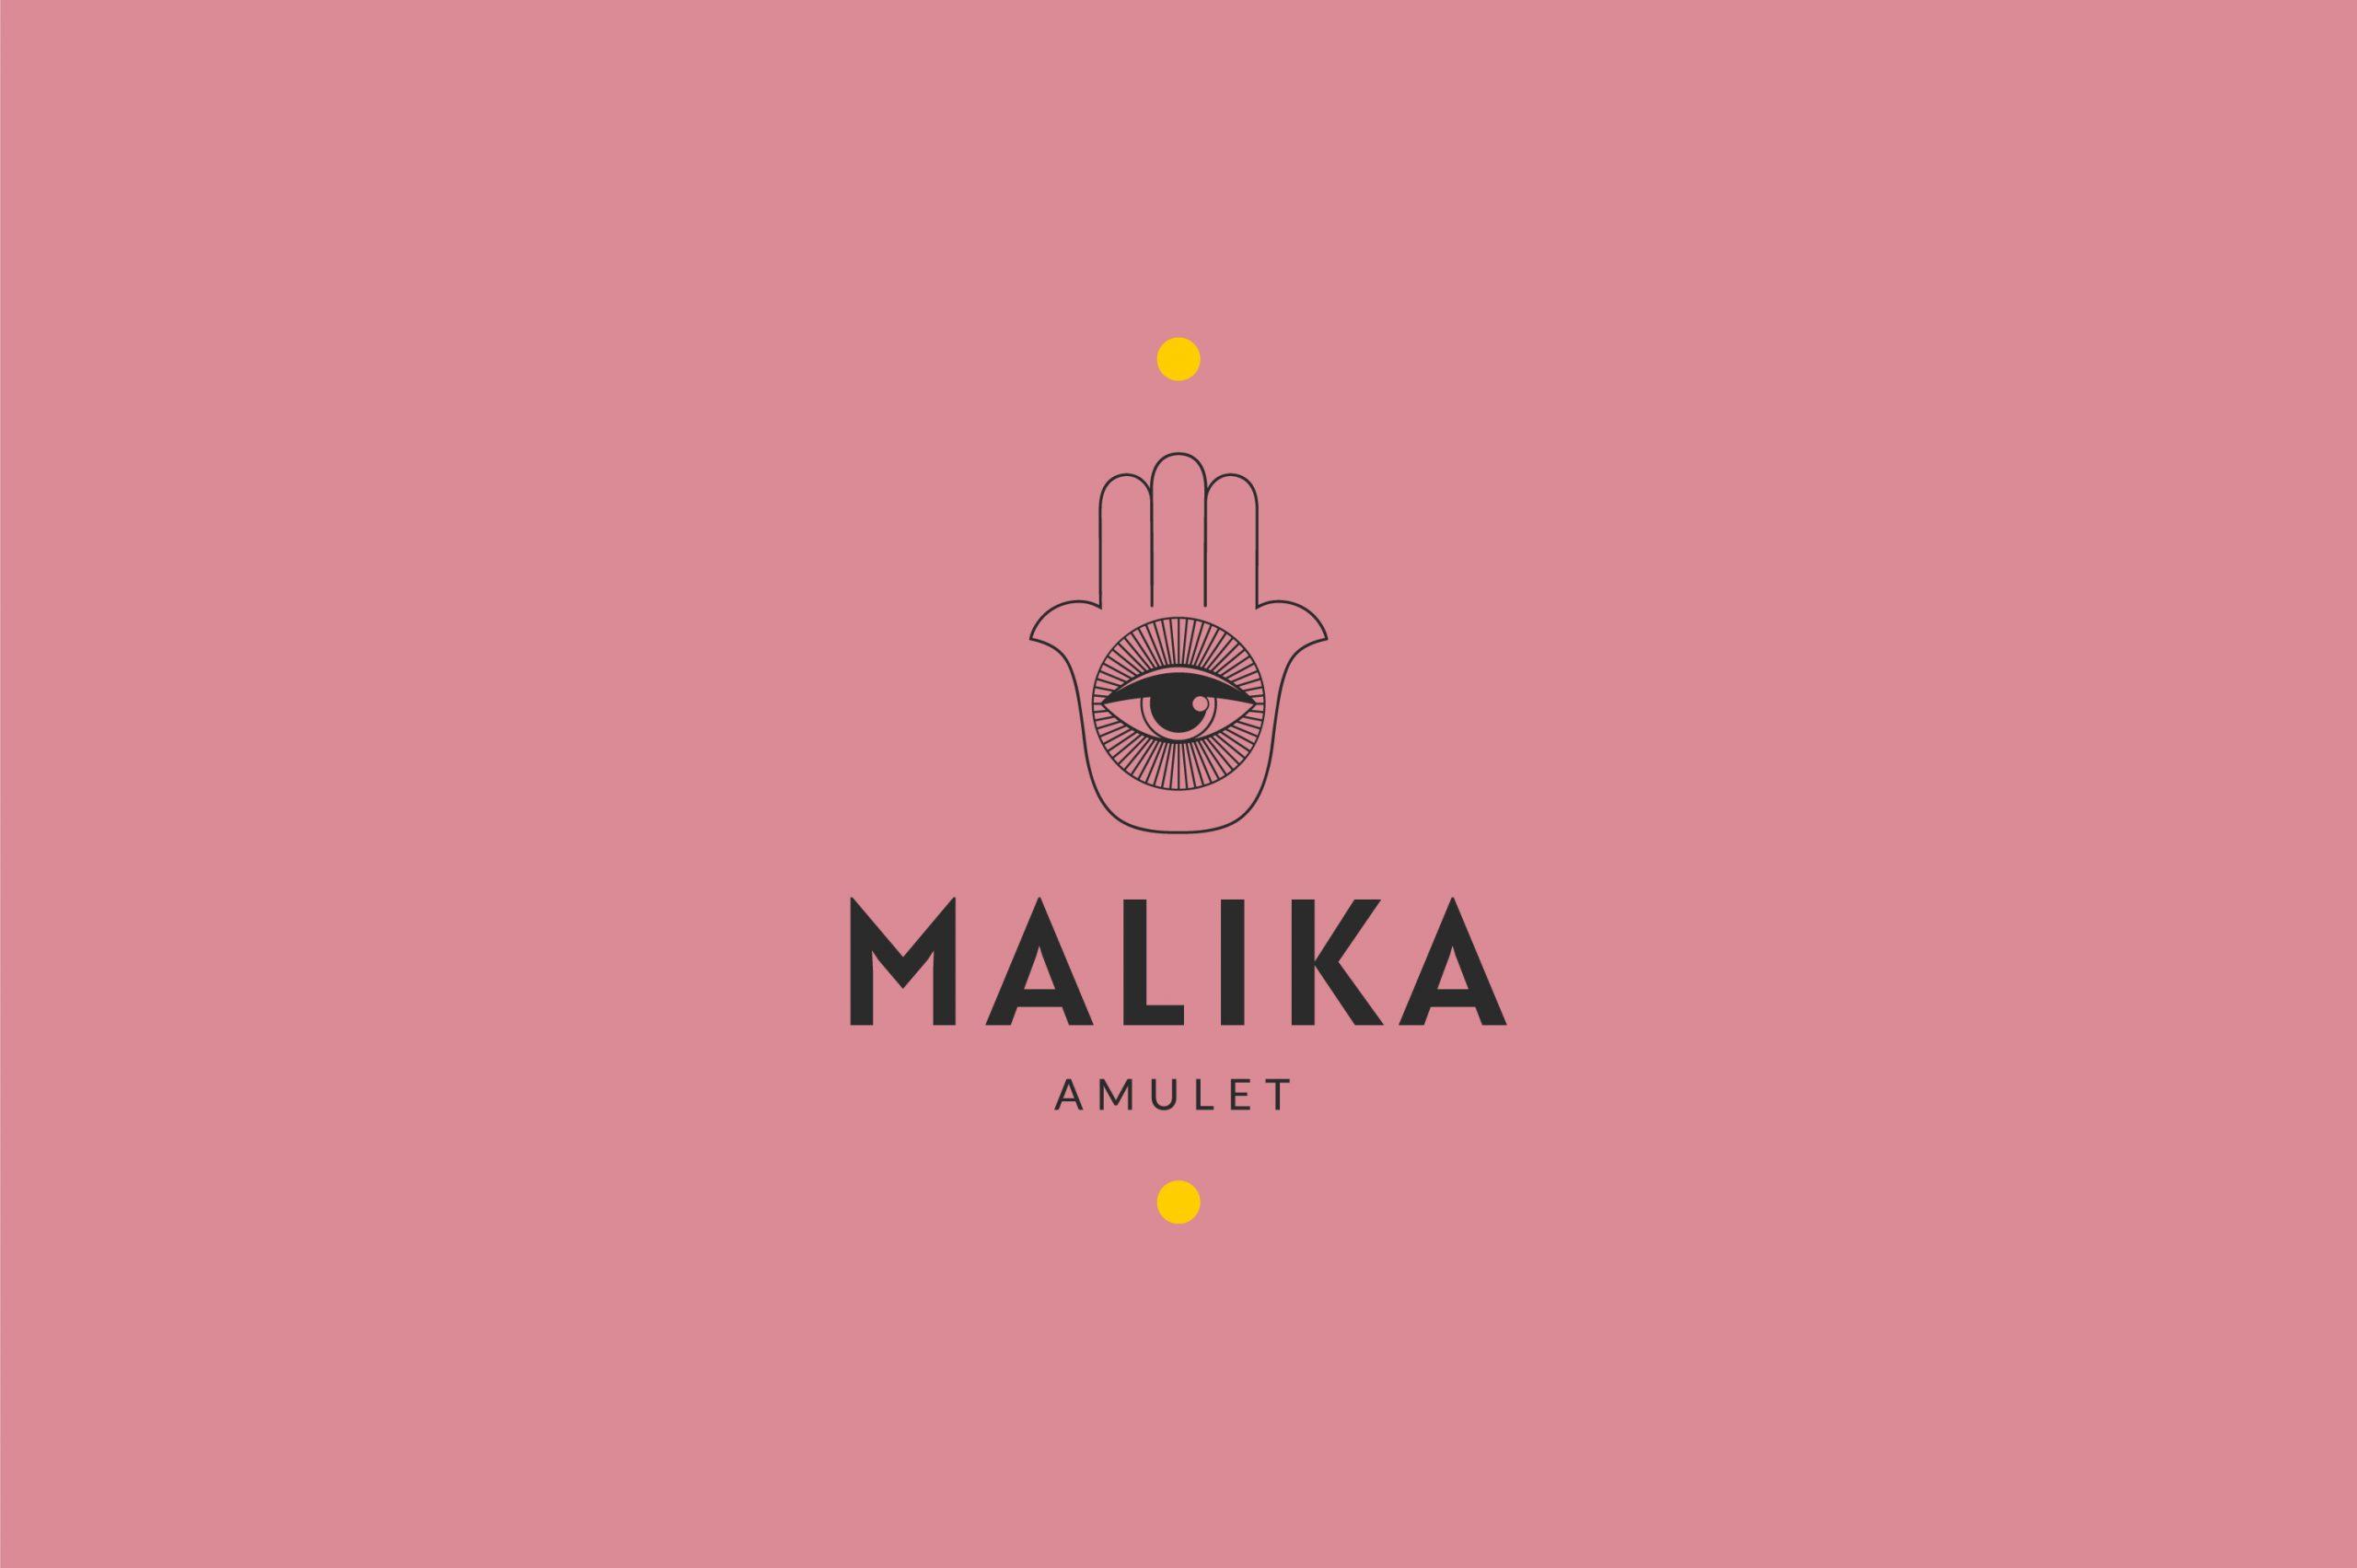 malika_01